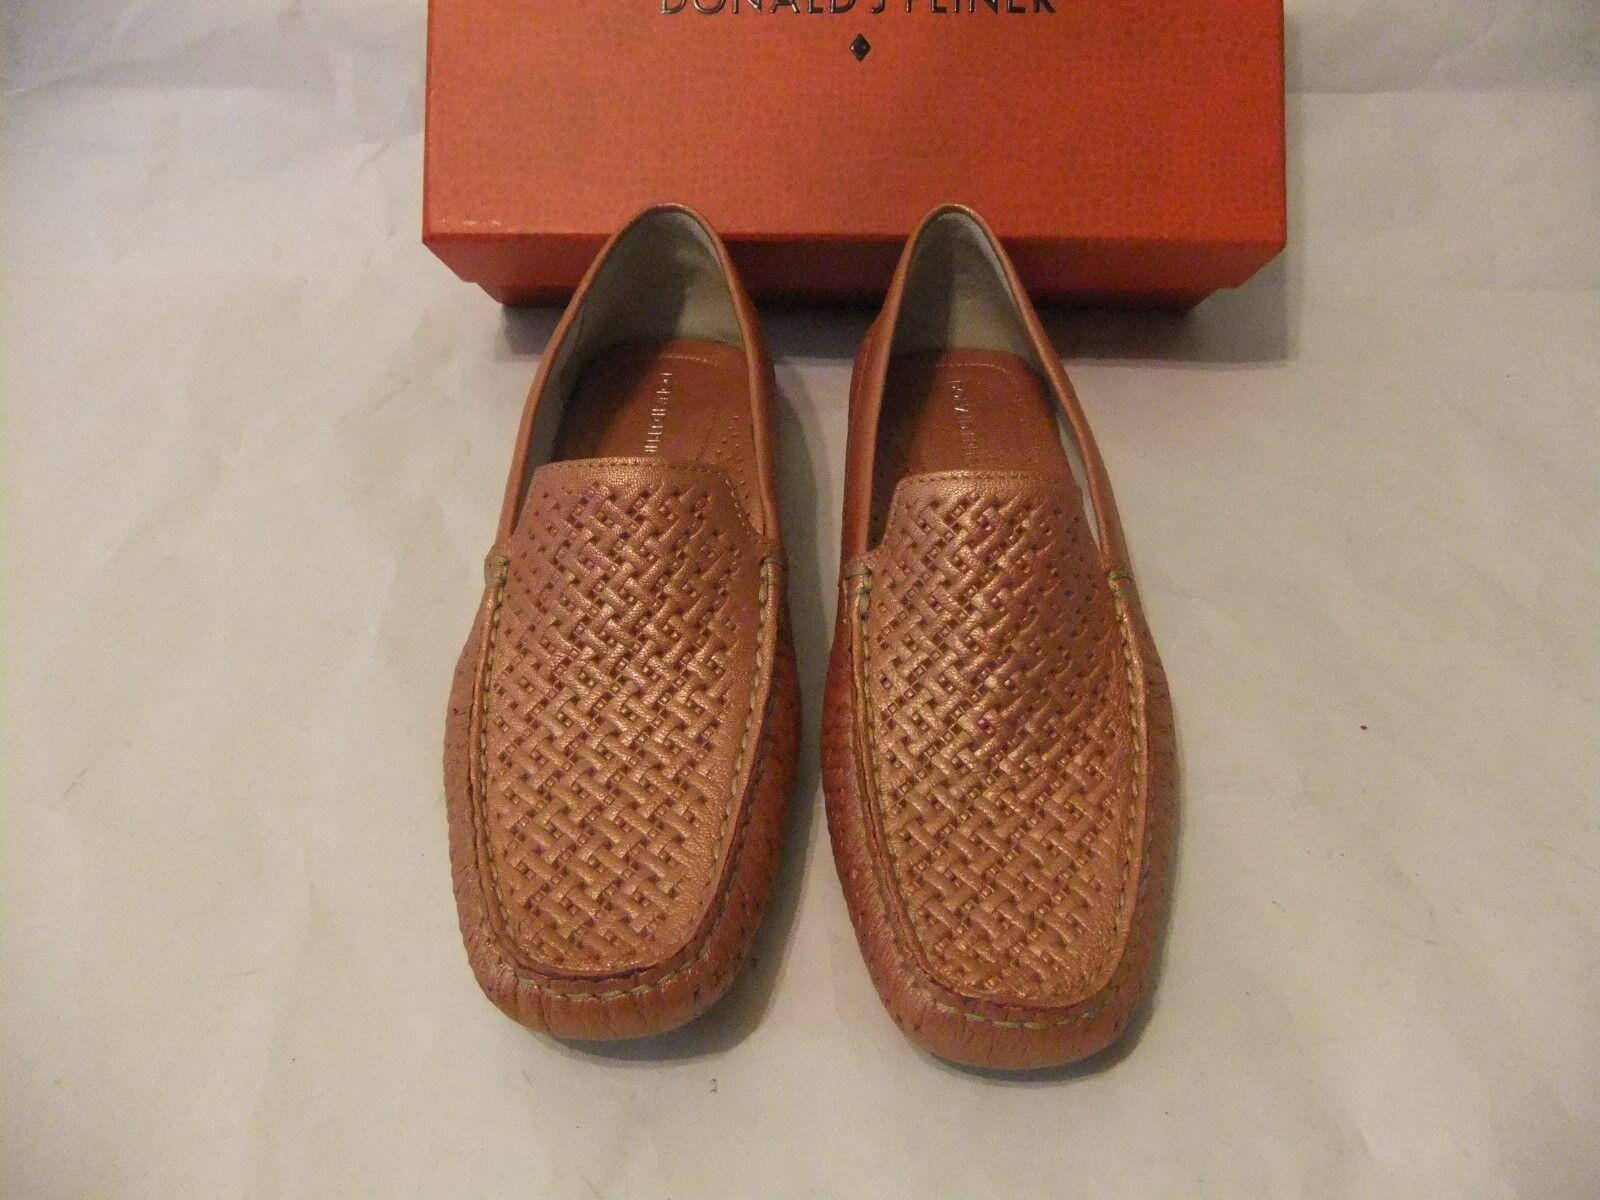 DONALD J PLINER Lula Pink Metallic Leather Loafer Moccasin Size 9 NIB $198